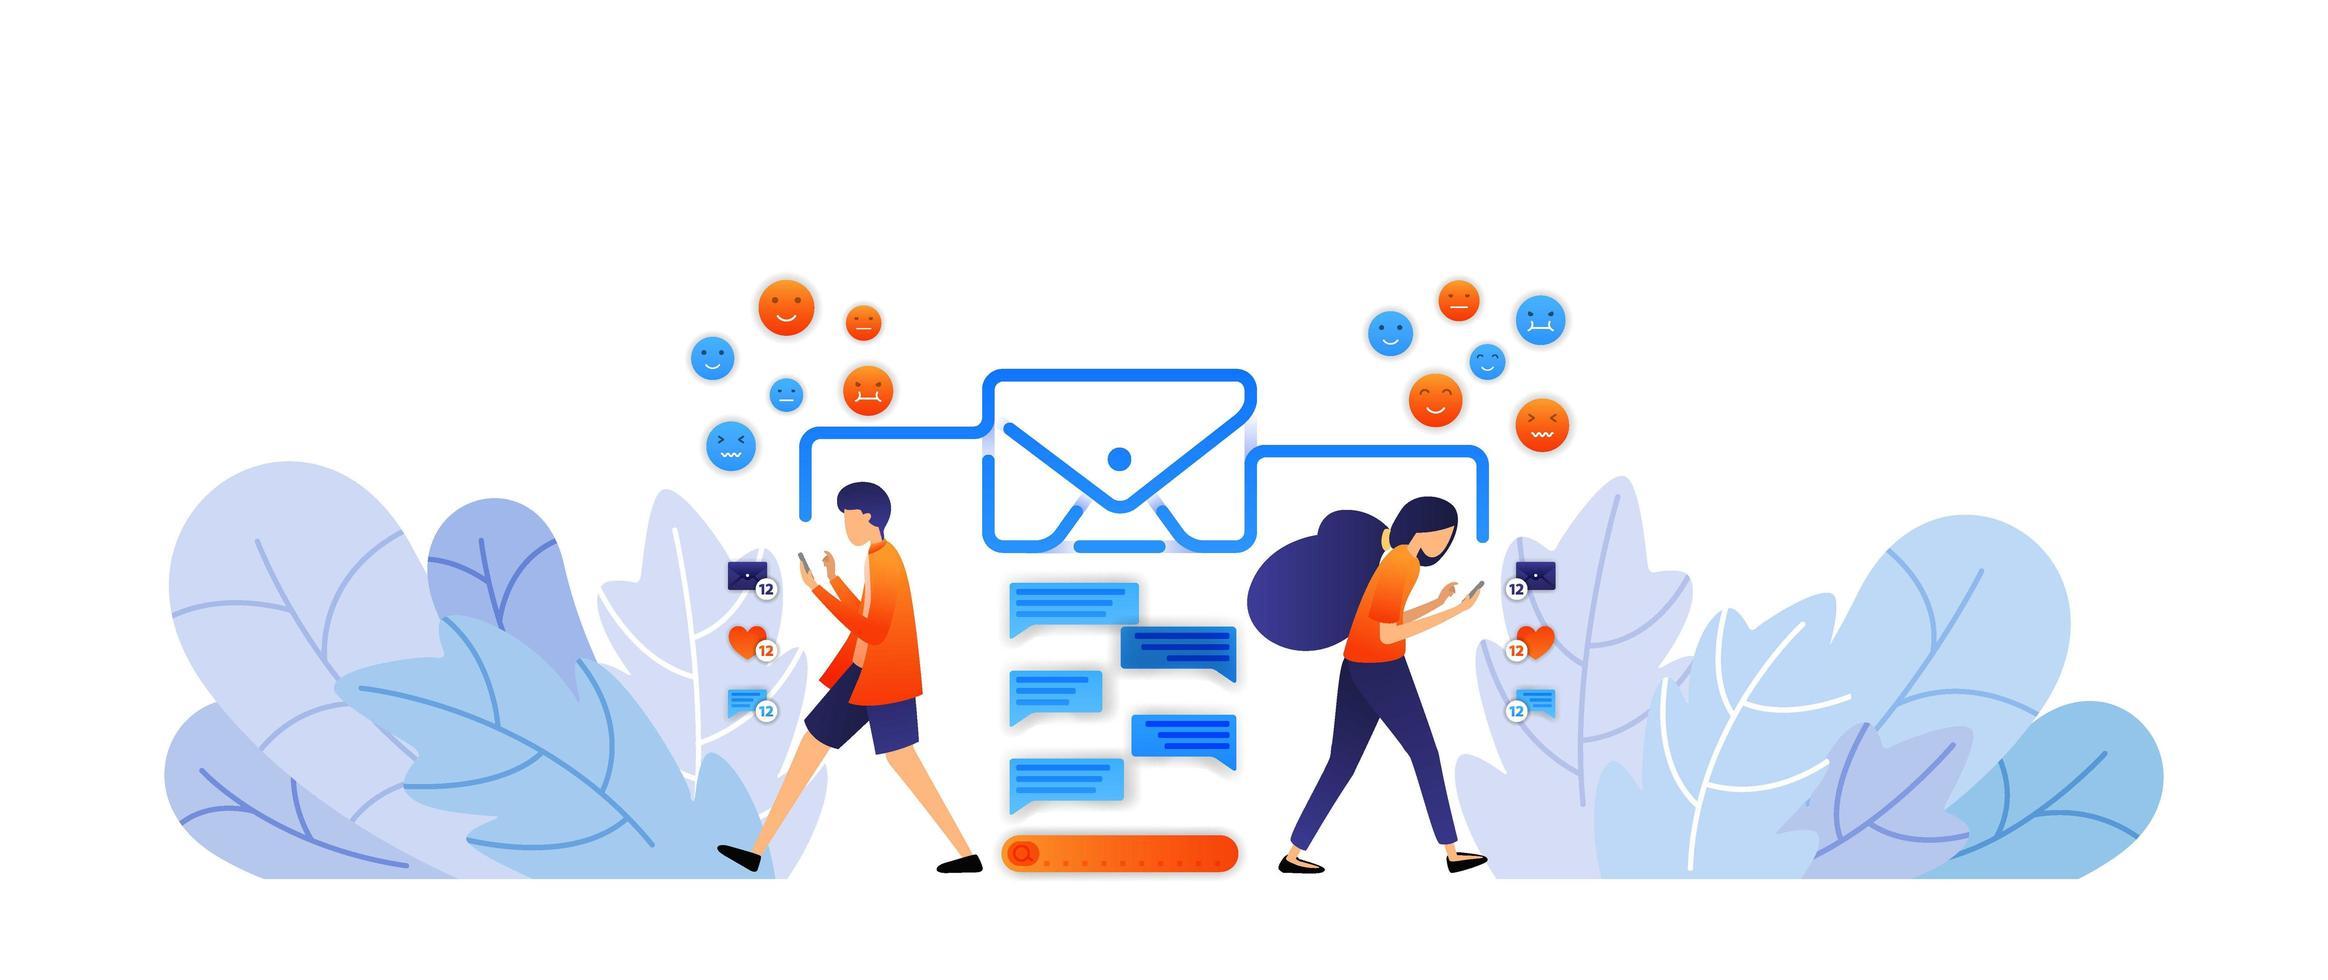 utbyta meddelanden med sociala medier. skicka digitala meddelanden och uttryckssymboler med kuvert. prata genom att skriva vektorillustrationskoncept för målsida, webb, ui, banner, affisch, mall, bakgrund vektor